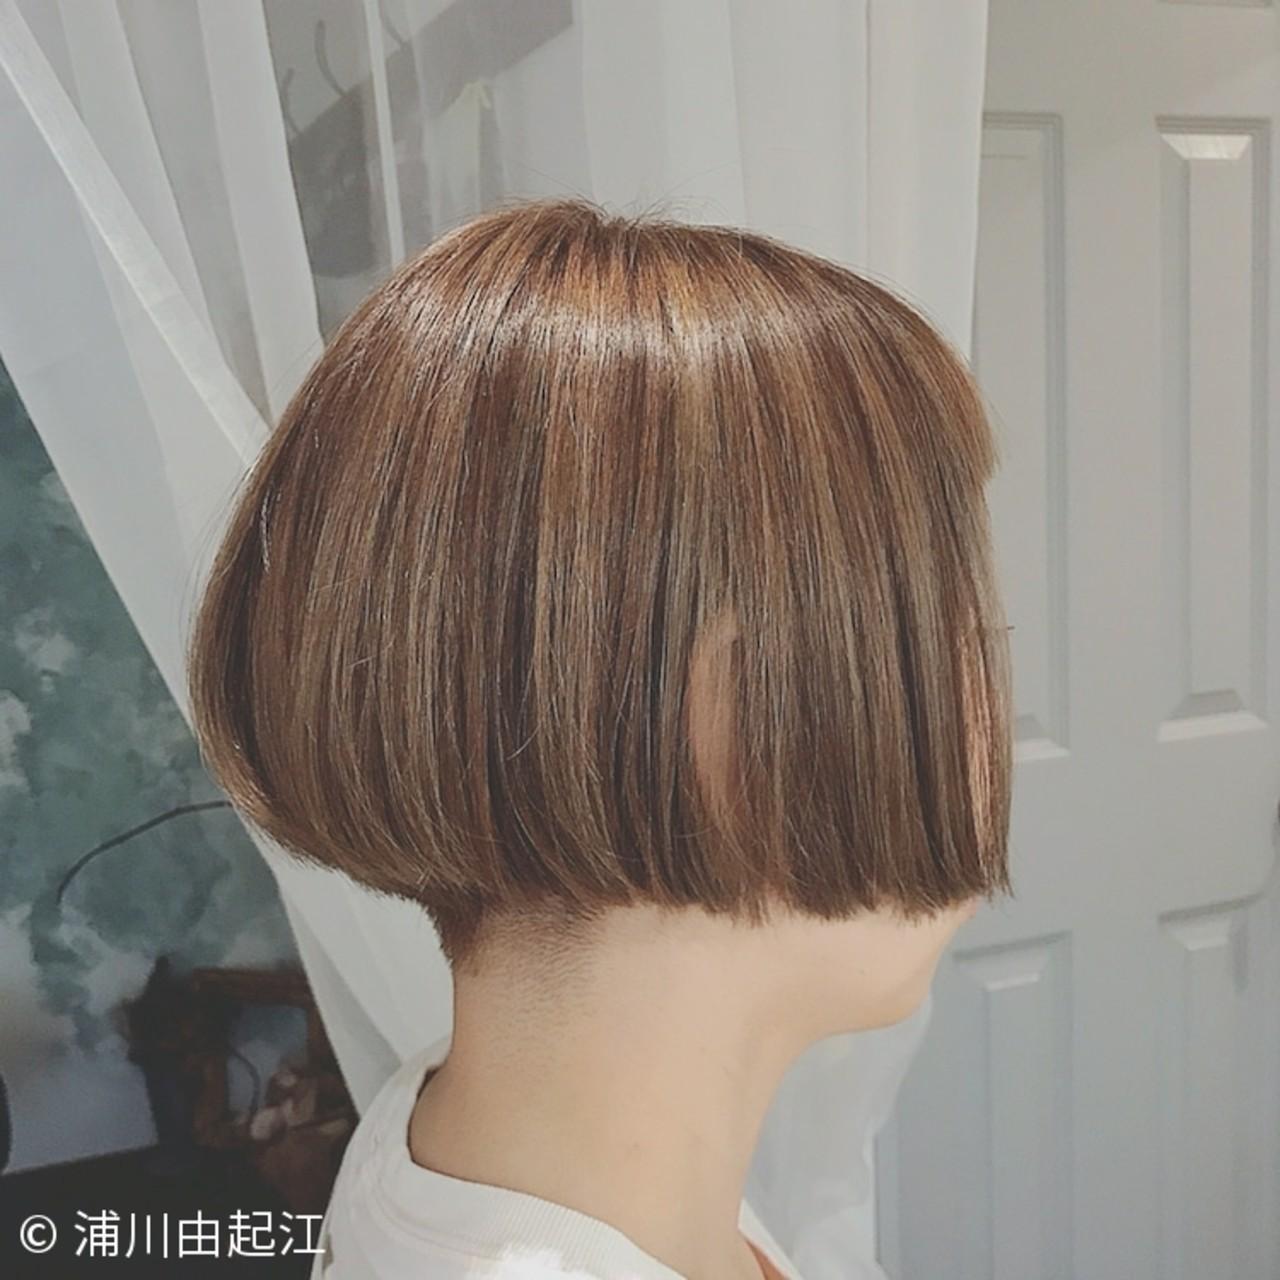 モード ボブ インナーカラー ハイライト ヘアスタイルや髪型の写真・画像